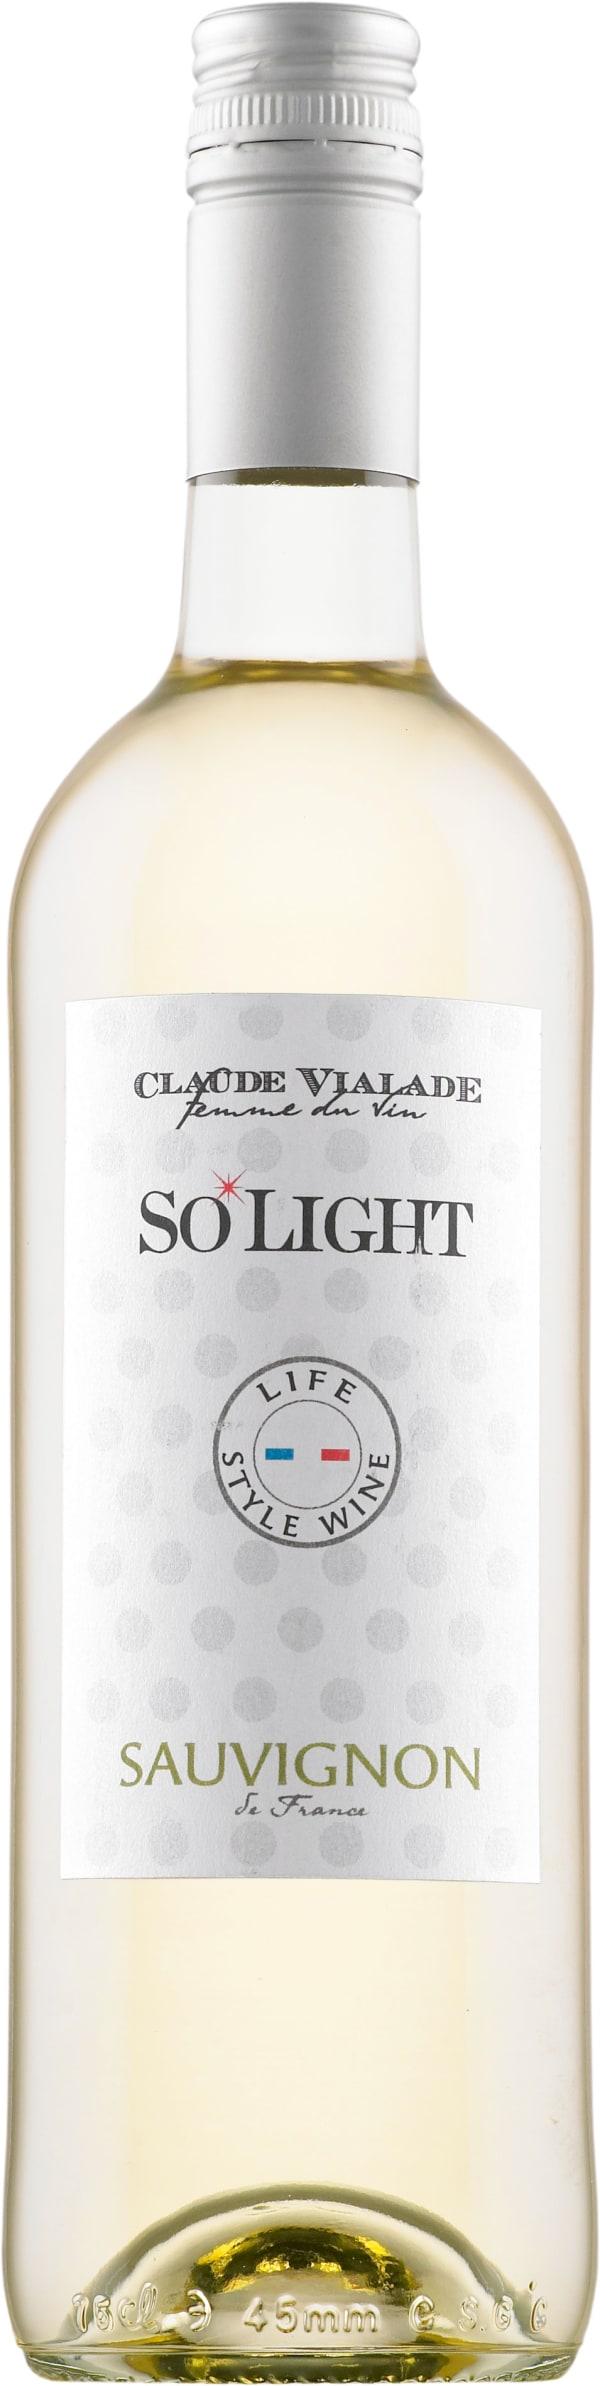 So Light Sauvignon 2016